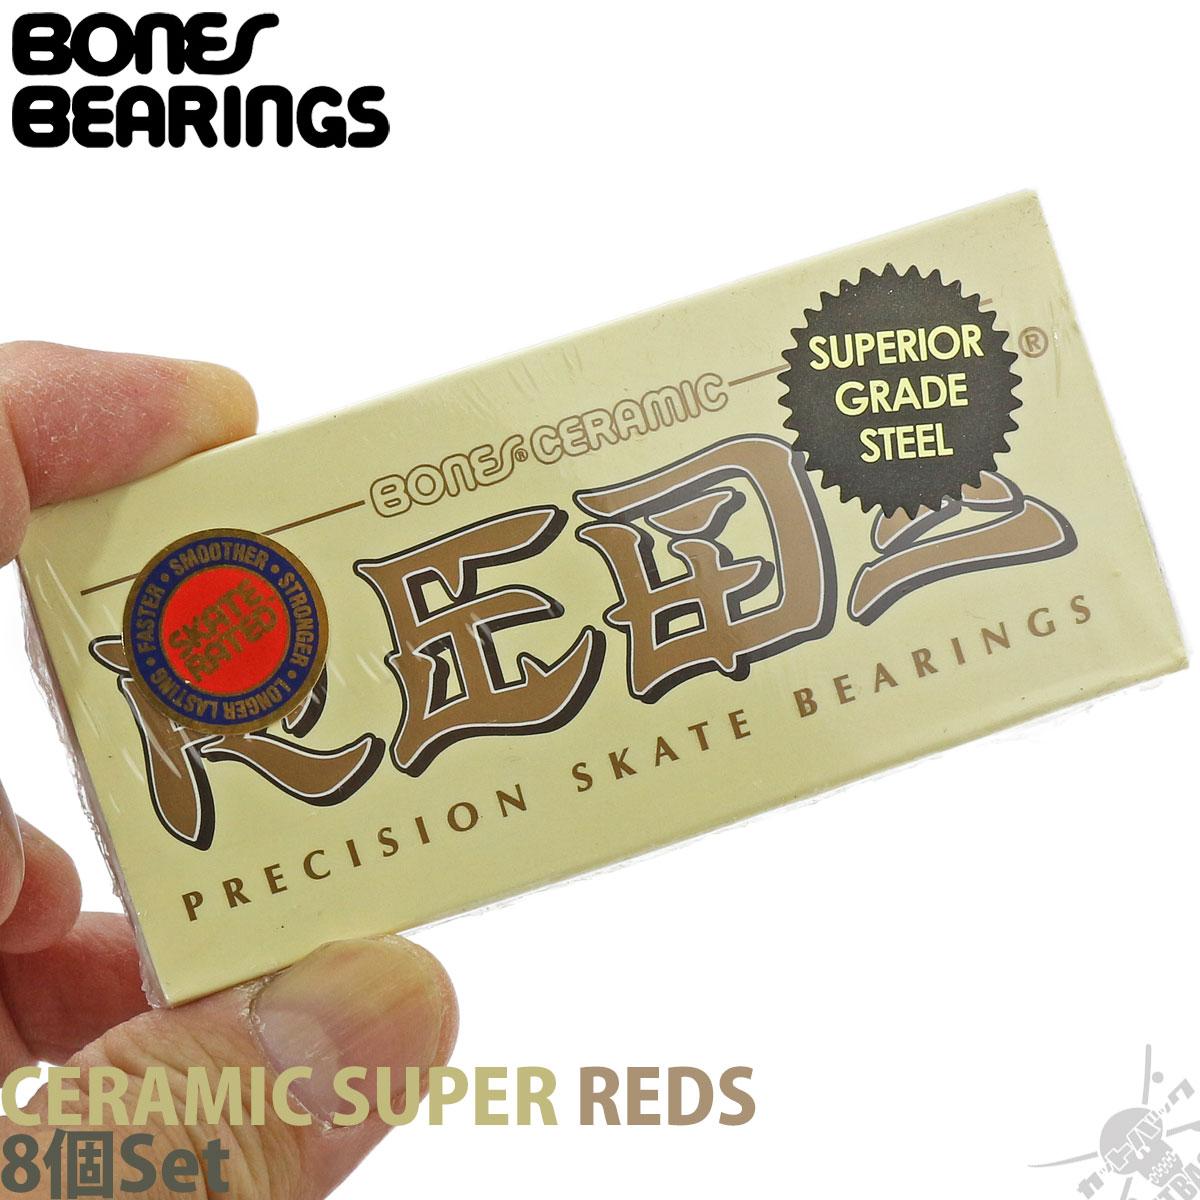 スケボー専用 価格交渉OK送料無料 ボーンズ最高峰セラミック お得な廉価版 スケボー 人気ブランド多数対象 ベアリング ボーンズ セラミックスーパーレッズ Bones REDS Super 8個セット パーツ オイルタイプ スケートボード Ceramic